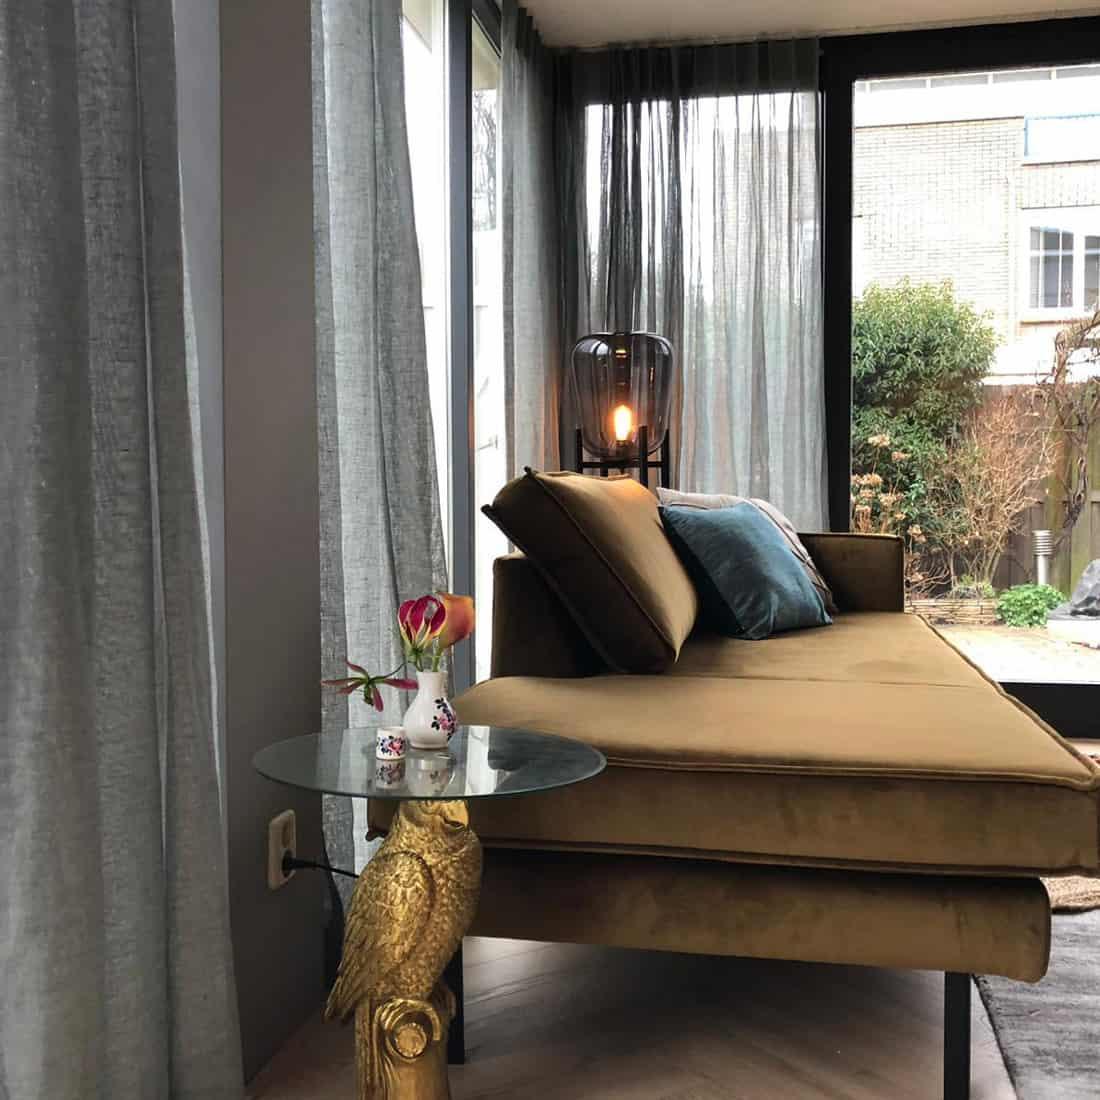 Saint Germain 0222 gordijnen in vtwonen weer verliefd op je huis